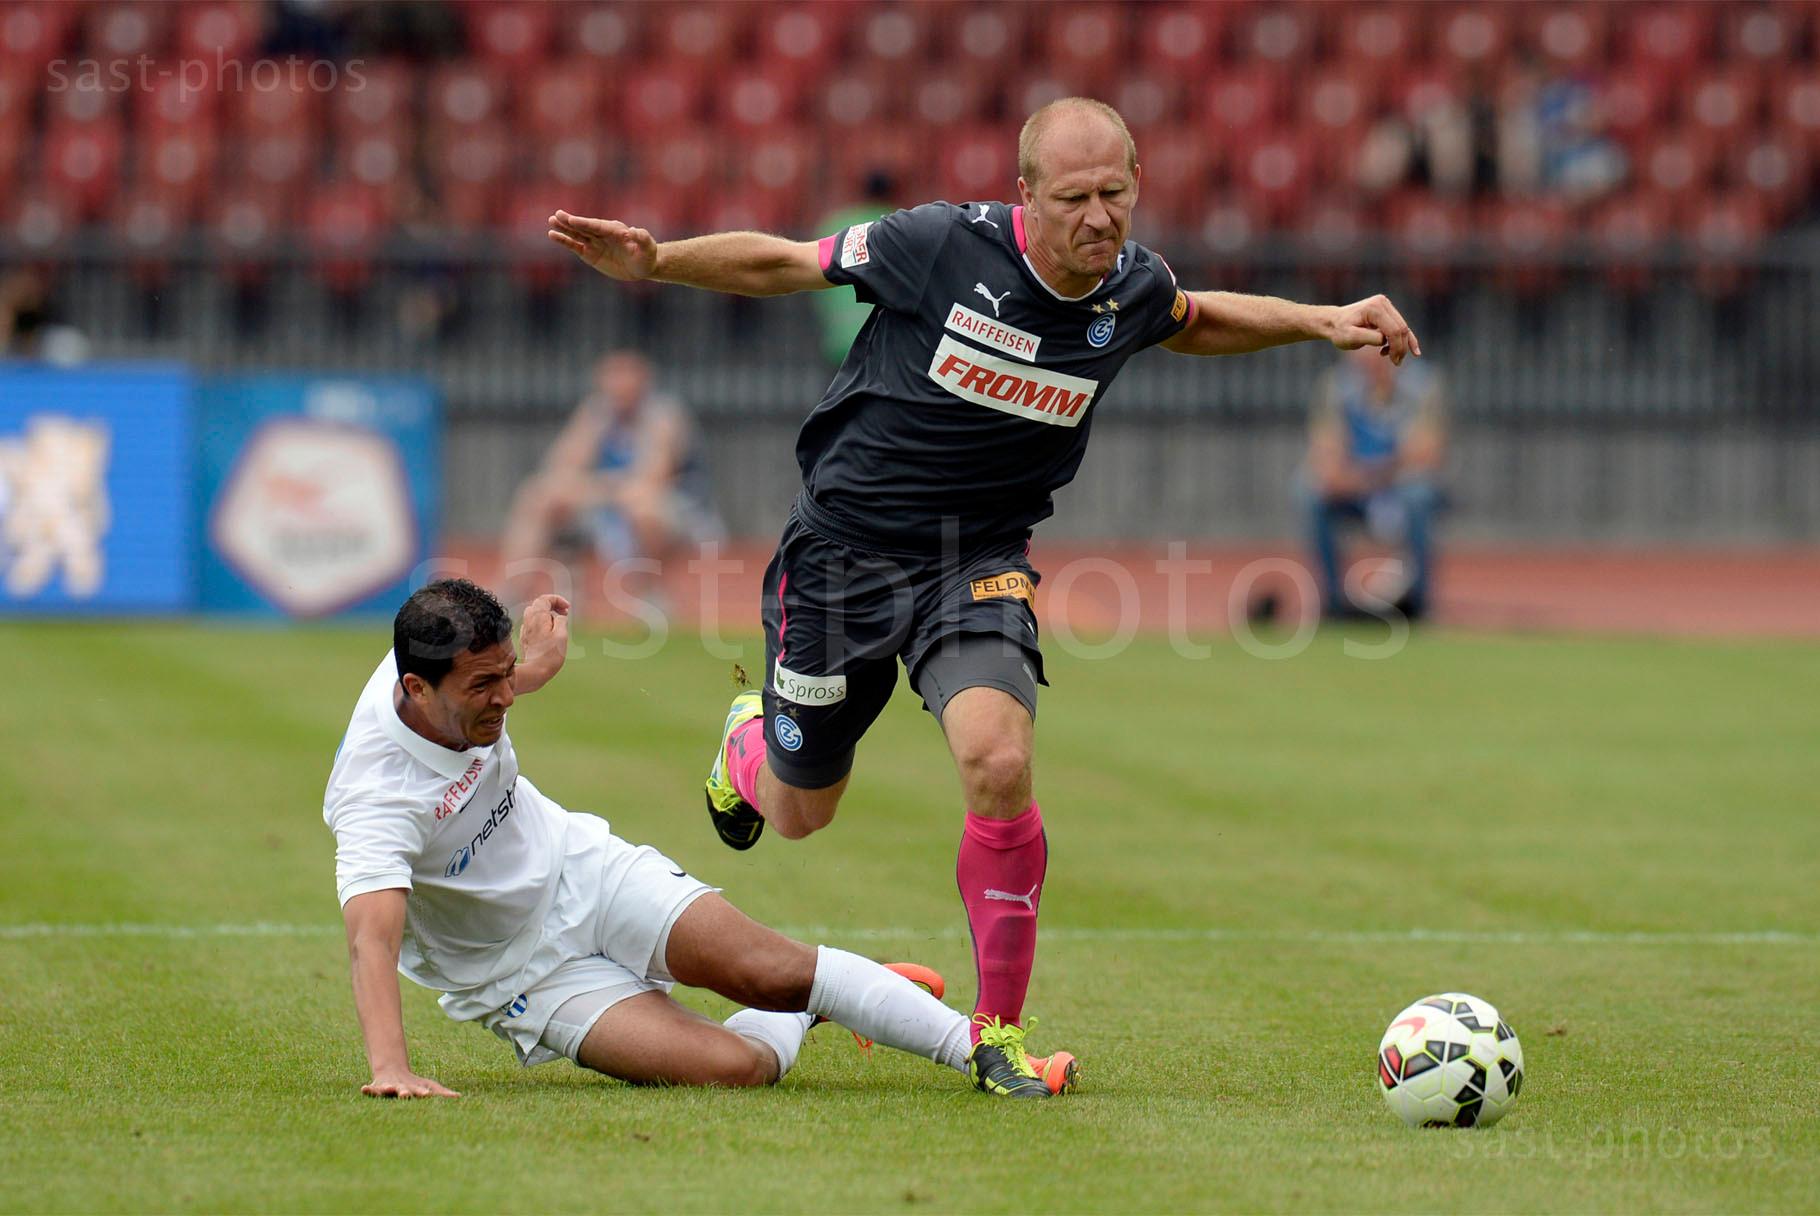 Amine Chermiti (FCZ) gegen Stephane Grichting (GCZ)